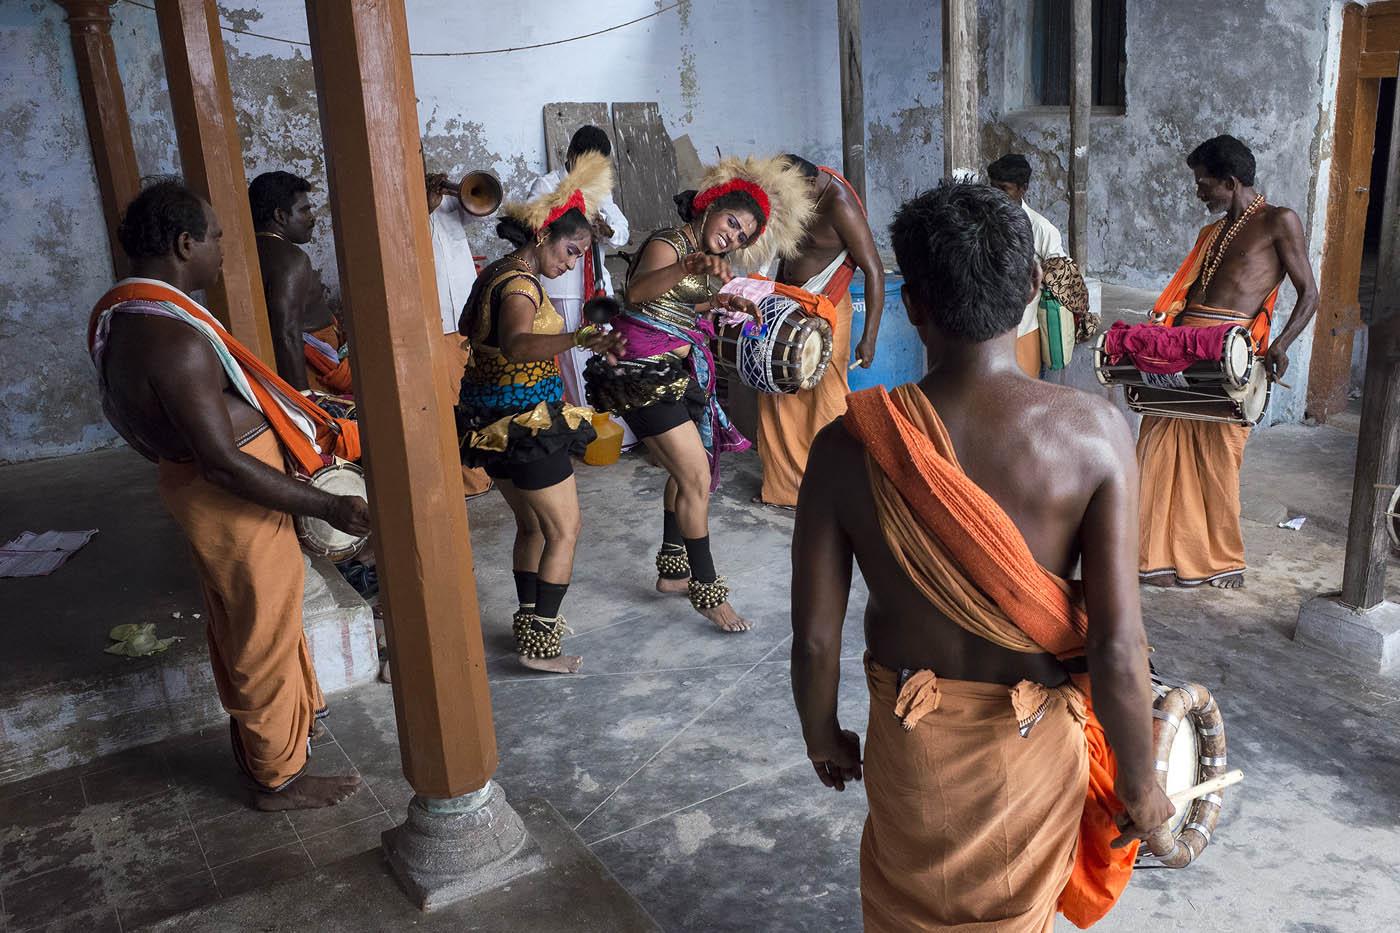 travel photography folk art by saravanan dhandapani